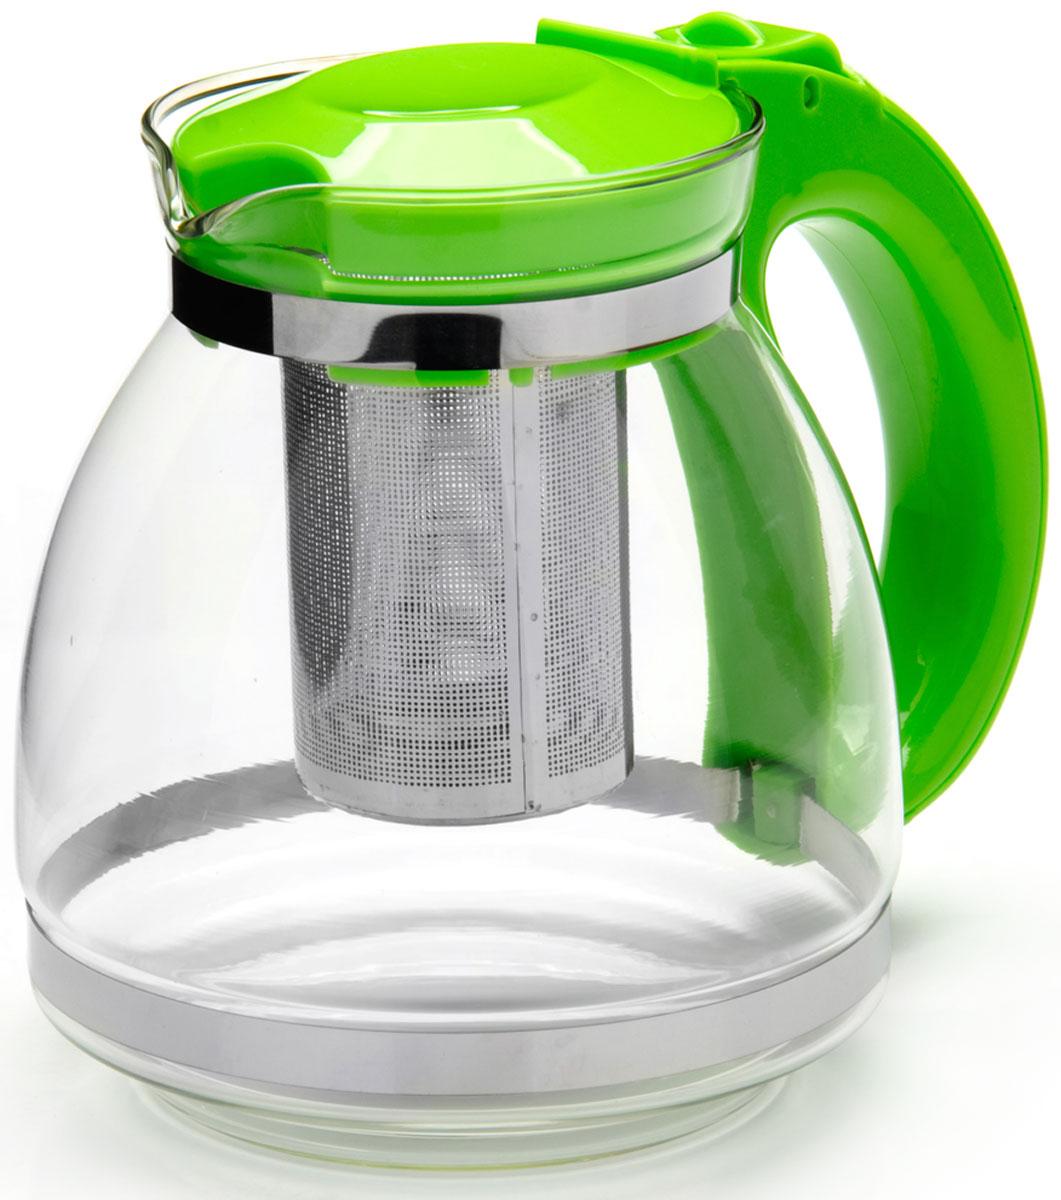 Чайник заварочный Mayer & Boch, с фильтром, цвет: зеленый, 1,5 л. 26170-3391602Заварочный чайник Mayer & Boch изготовлен из термостойкого боросиликатного стекла, фильтр выполнен из нержавеющей стали. Изделия из стекла не впитывают запахи, благодаря чему вы всегда получите натуральный, насыщенный вкус и аромат напитков. Заварочный чайник из стекла удобно использовать для повседневного заваривания чая практически любого сорта. Но цветочные, фруктовые, красные и желтые сорта чая лучше других раскрывают свой вкус и аромат при заваривании именно в стеклянных чайниках, а также сохраняют все полезные ферменты и витамины, содержащиеся в чайных листах. Стальной фильтр гарантирует прозрачность и чистоту напитка от чайных листьев, при этом сохранив букет и насыщенность чая.Прозрачные стенки чайника дают возможность насладиться насыщенным цветом заваренного чая. Изящный заварочный чайник Mayer & Boch будет прекрасно смотреться в любом интерьере. Подходит для мытья в посудомоечной машине.